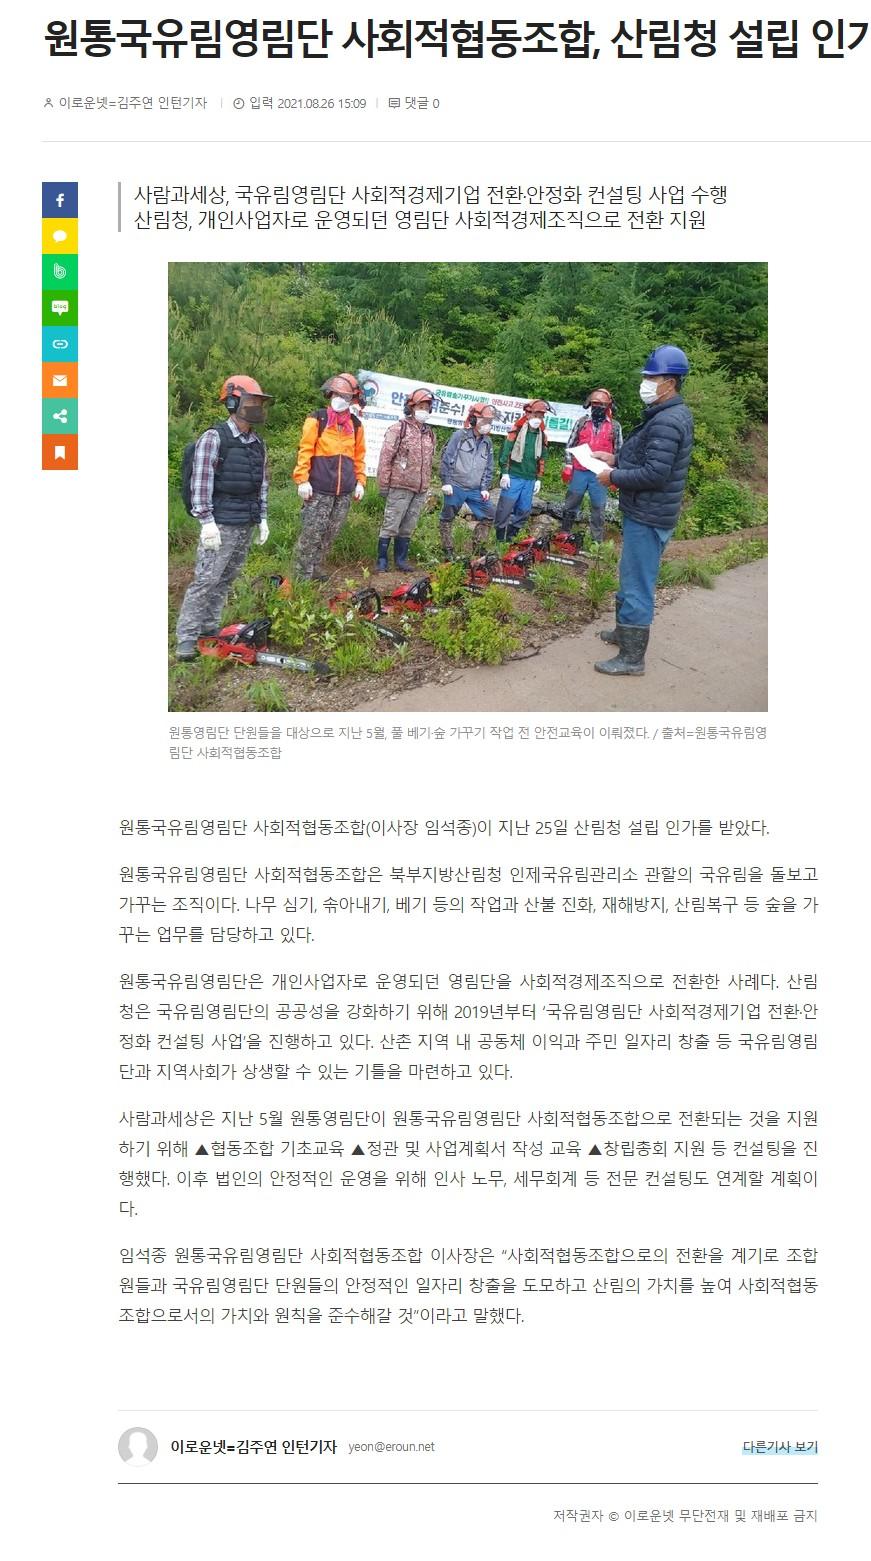 원통국유림영림단 사회적협동조합, 산림청 설립 인가